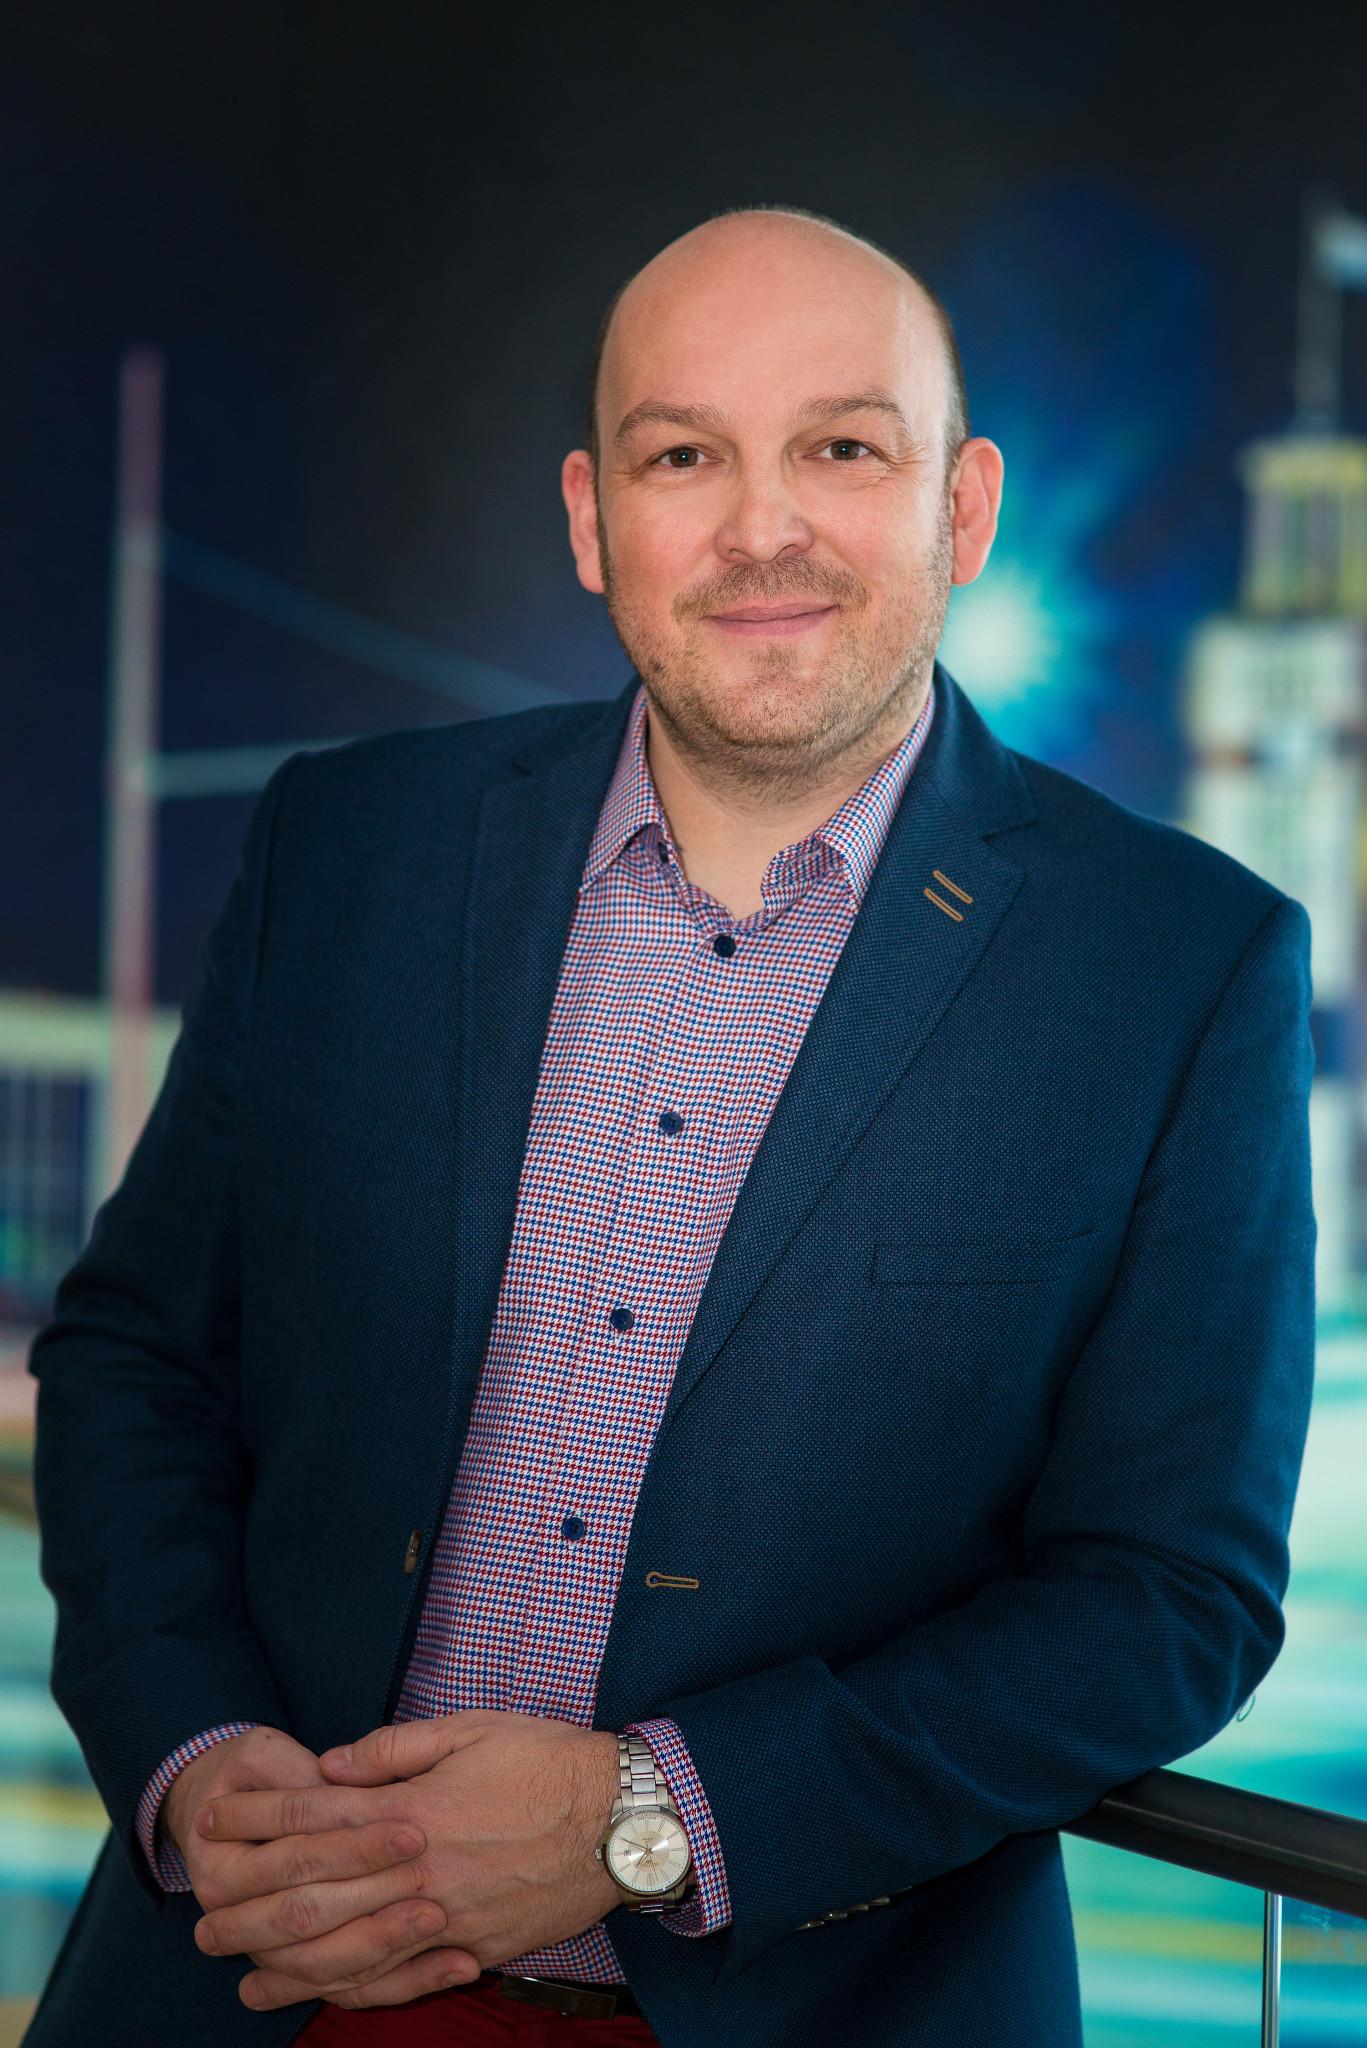 Daniel Wojtowicz